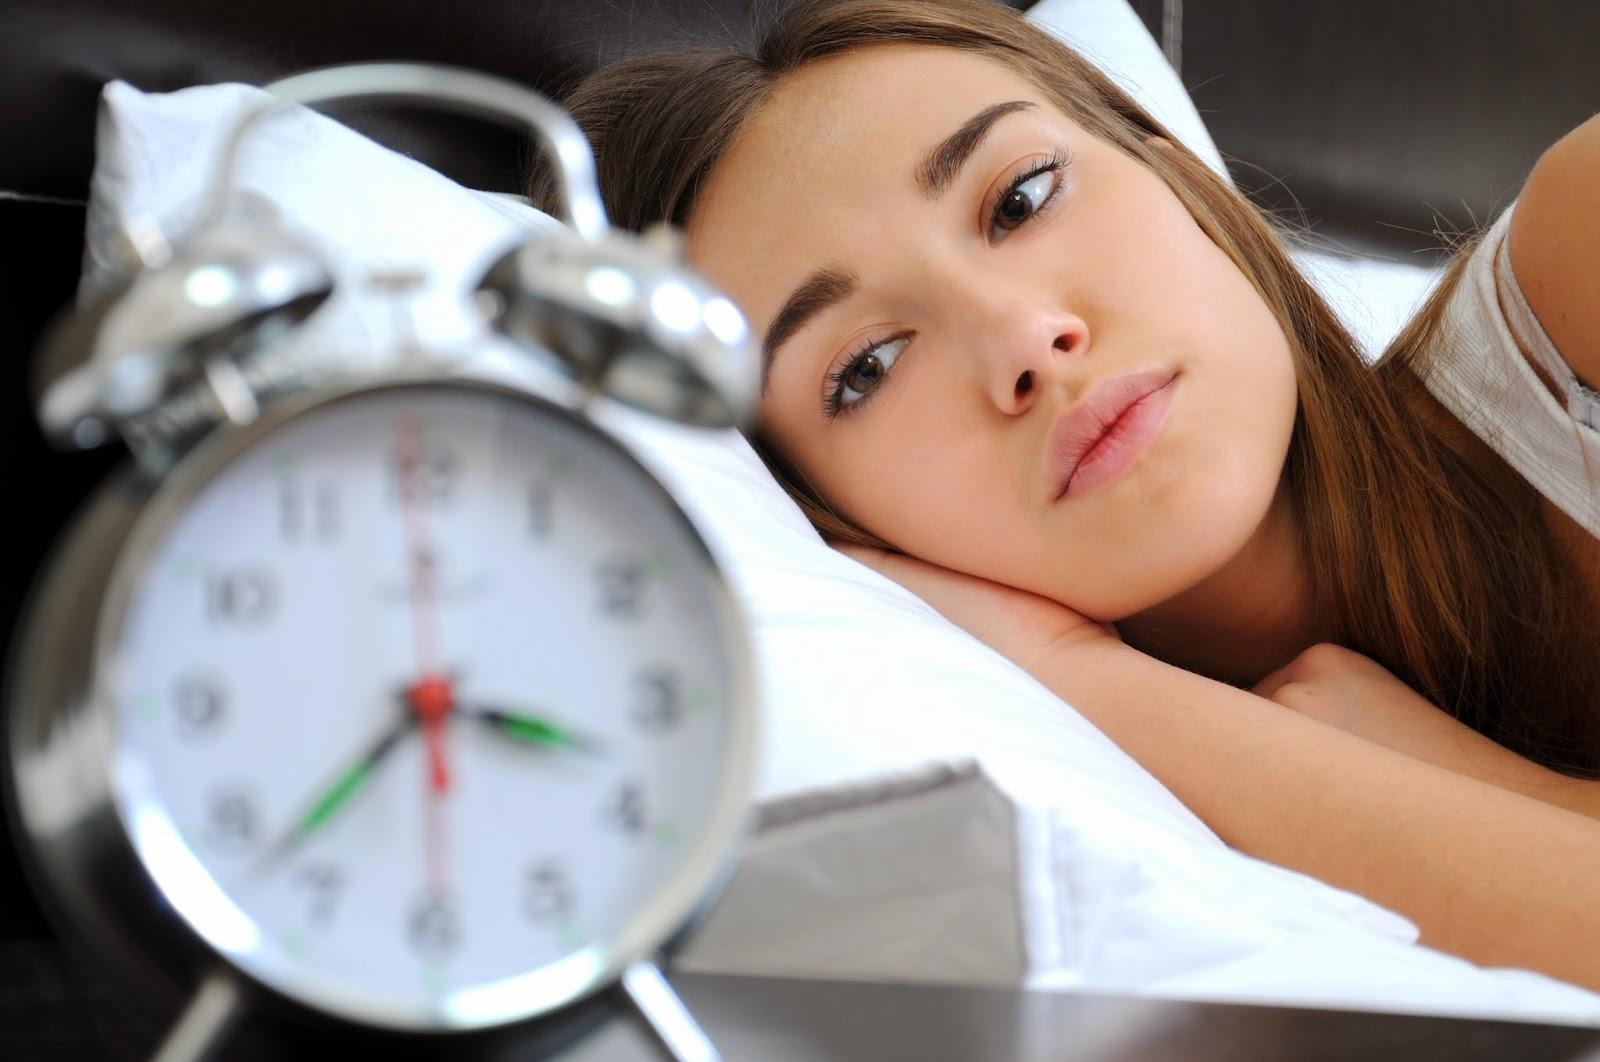 cara-mengatasi-insomnia-tanpa-obat